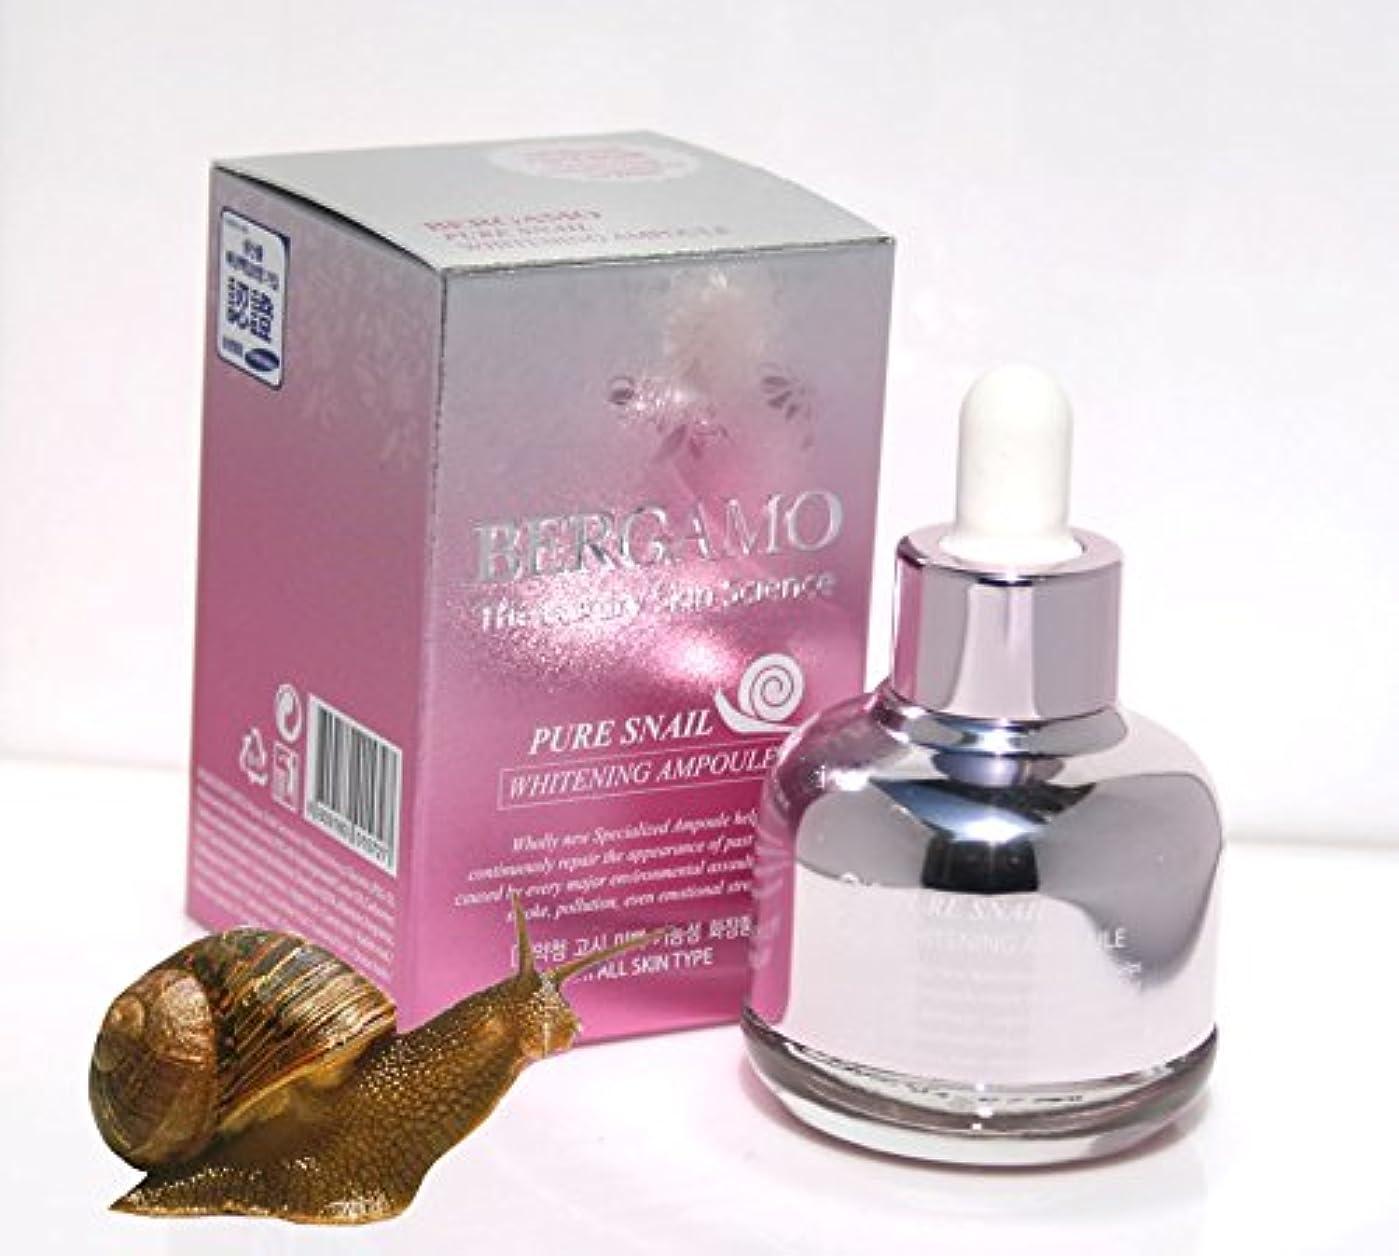 補体手当遅い【ベルガモ][Bergamo] 高級スキン科学は純粋なカタツムリホワイトニングアンプル30ml / the Luxury Skin Science Pure Snail Whitening Ampoule 30ml /...